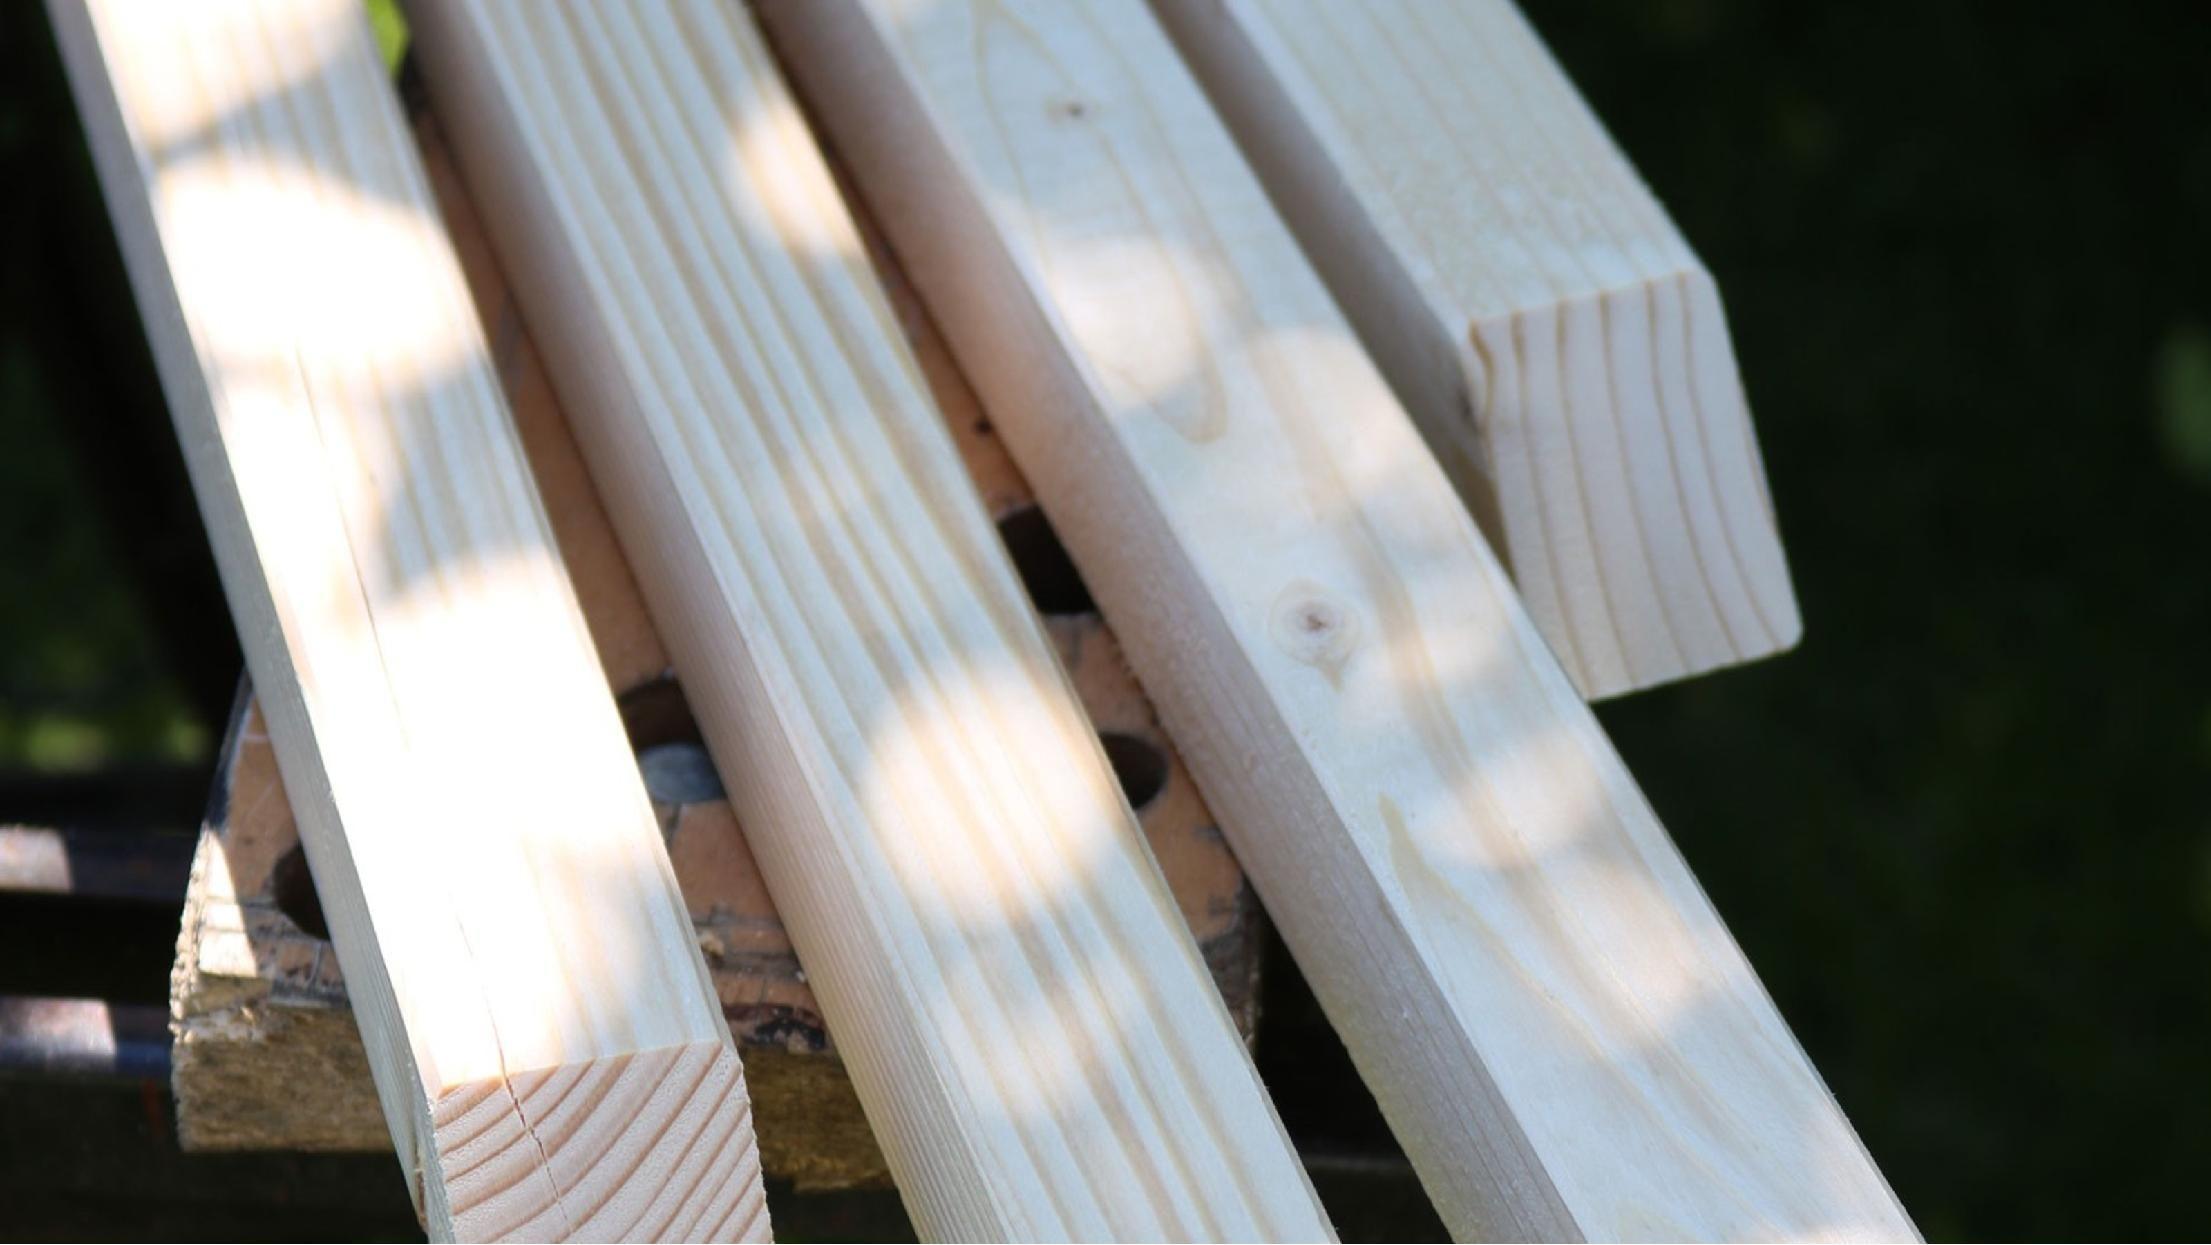 Aus diesen vier Holzbalken baust du dir eine schicke Tür ...